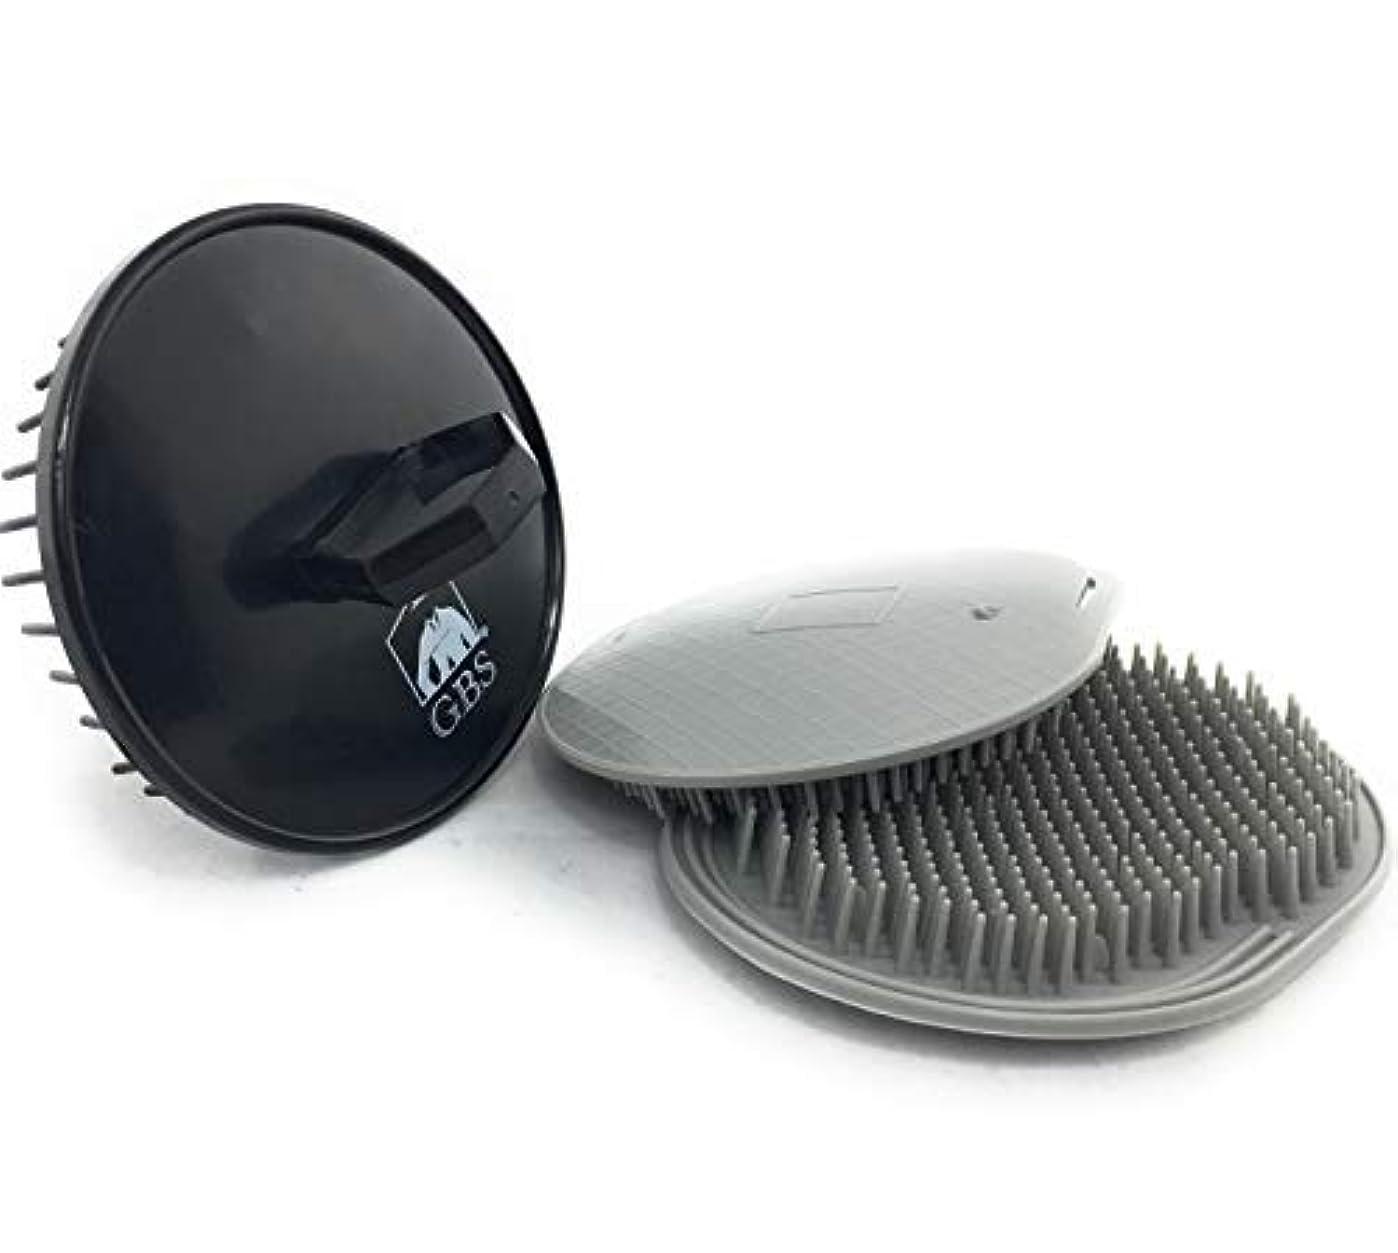 攻撃的音声楽しいGBS Soft Pocket Palm Brush. Massage and Head Scratcher. Made In USA 2-Pack - Gray Plus 1 Black Shampoo Brush -...